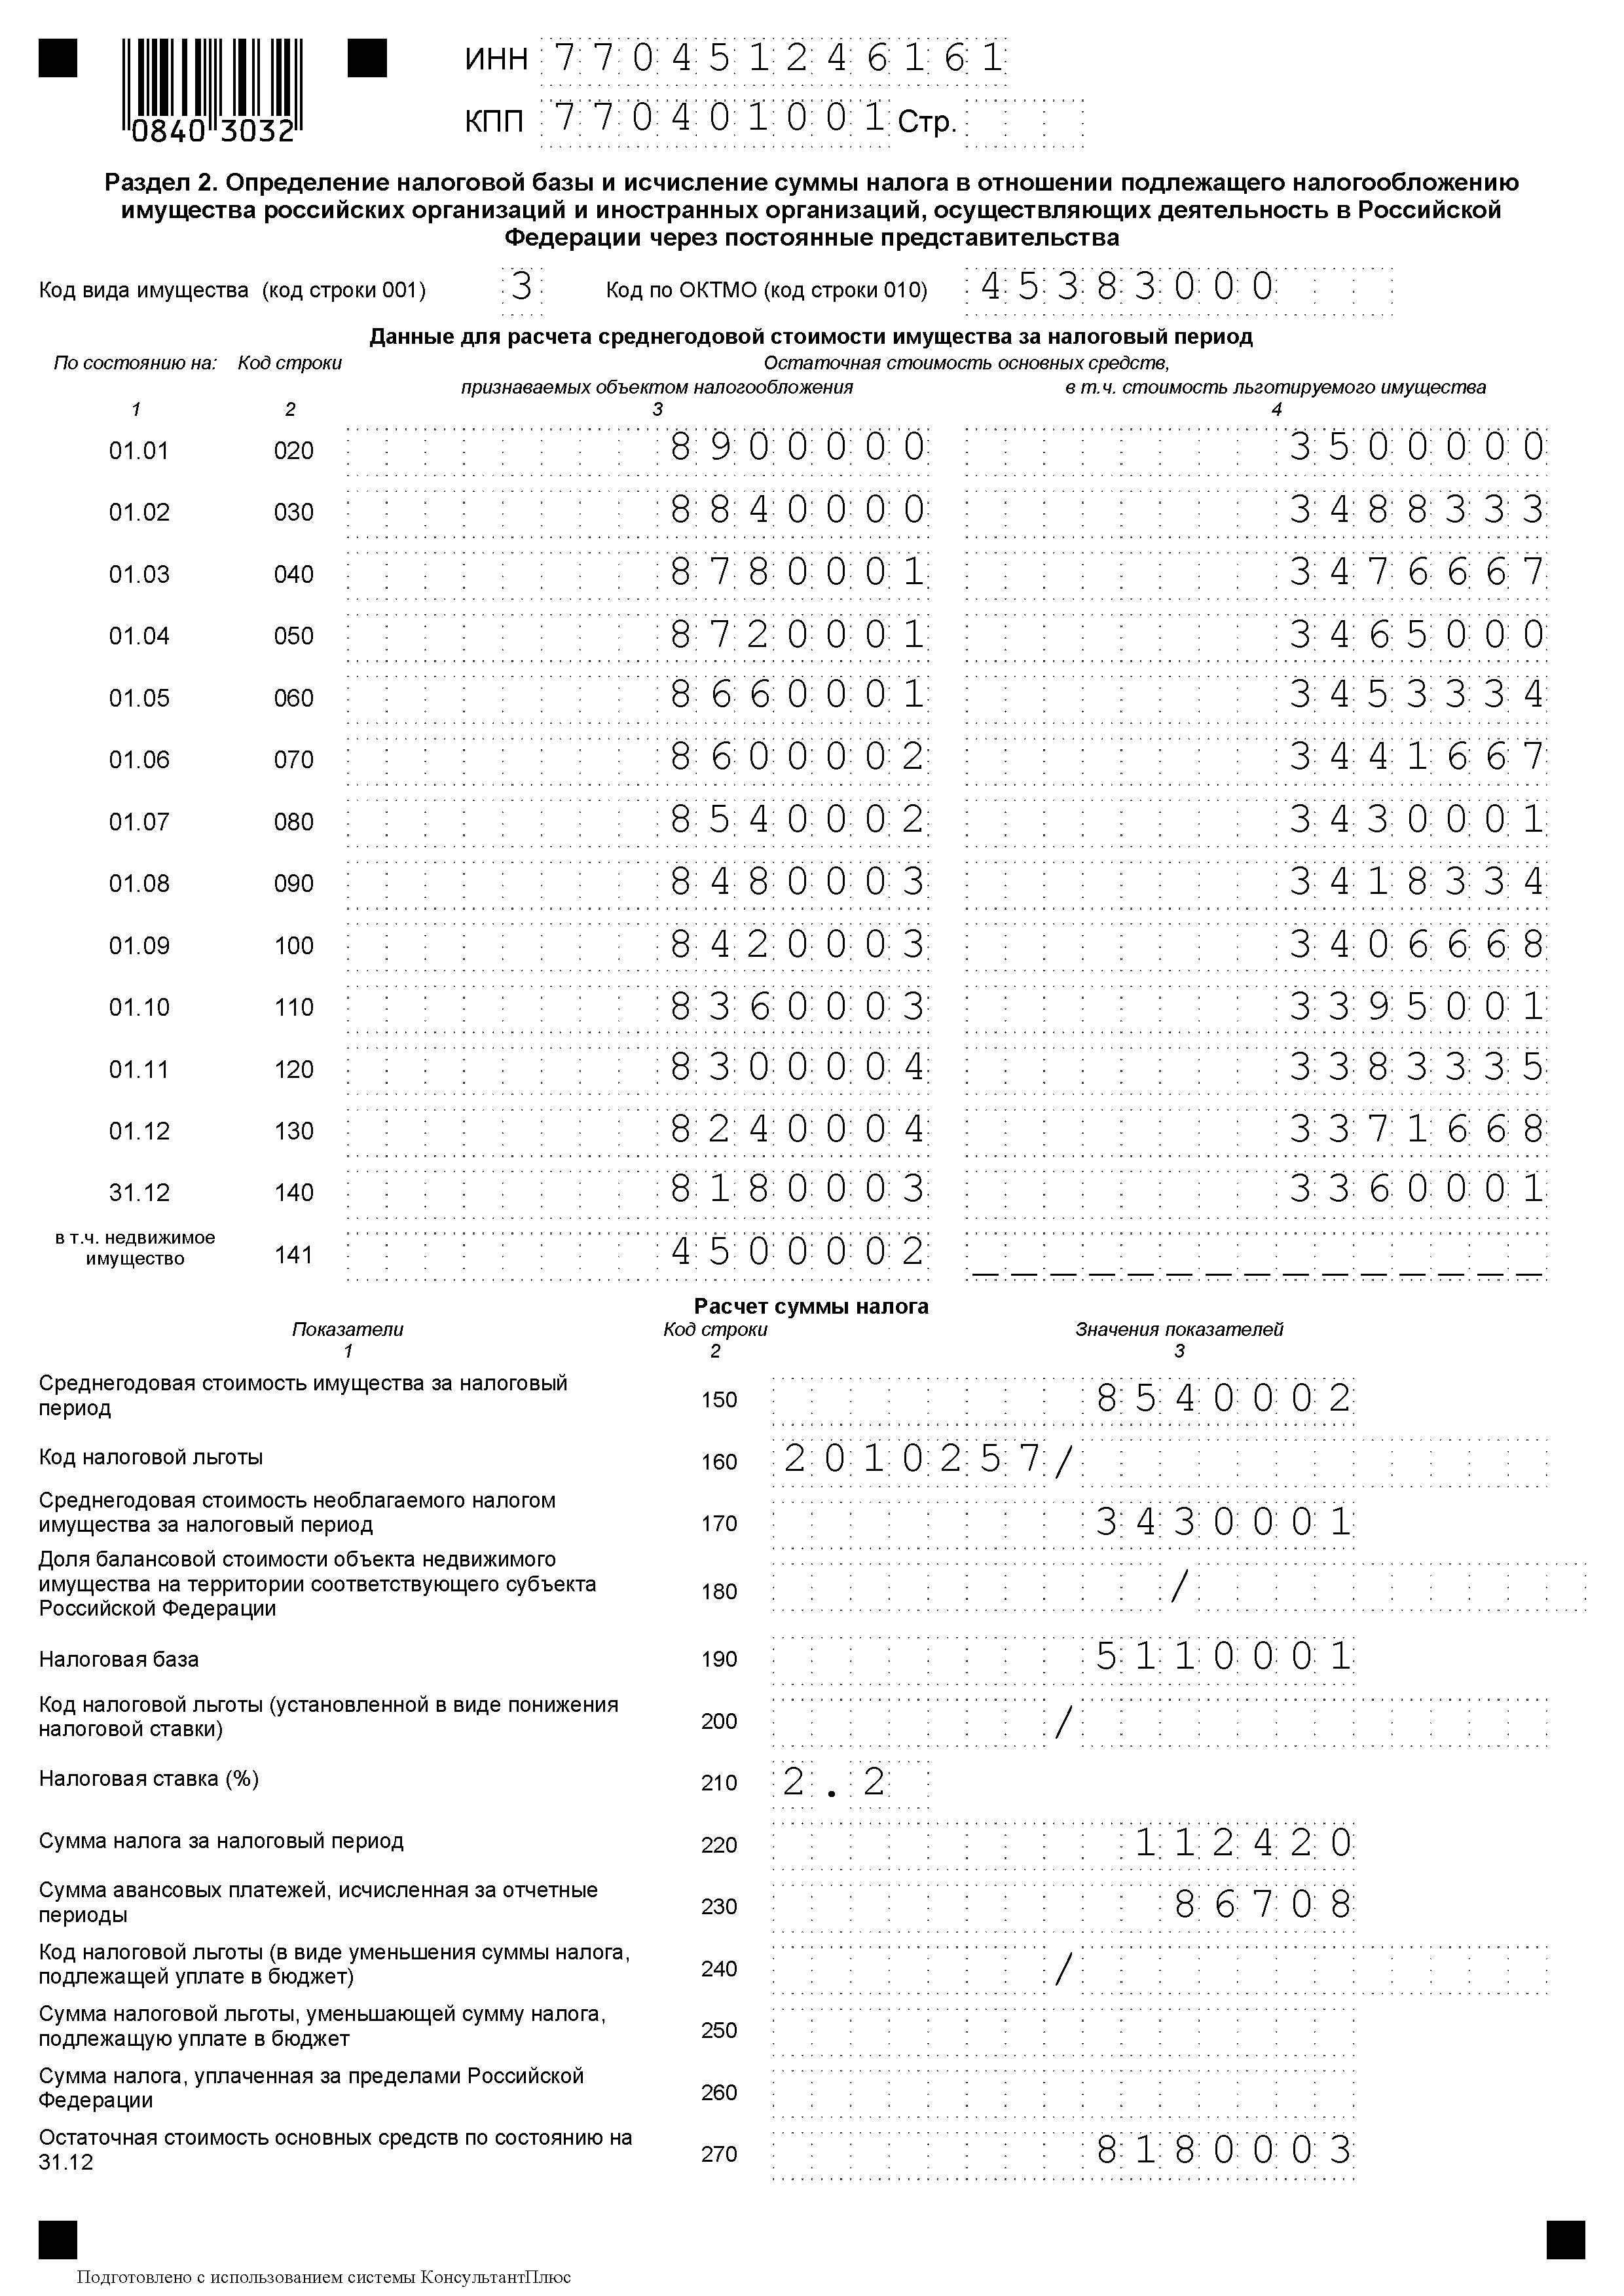 декларация налог на имущество за год